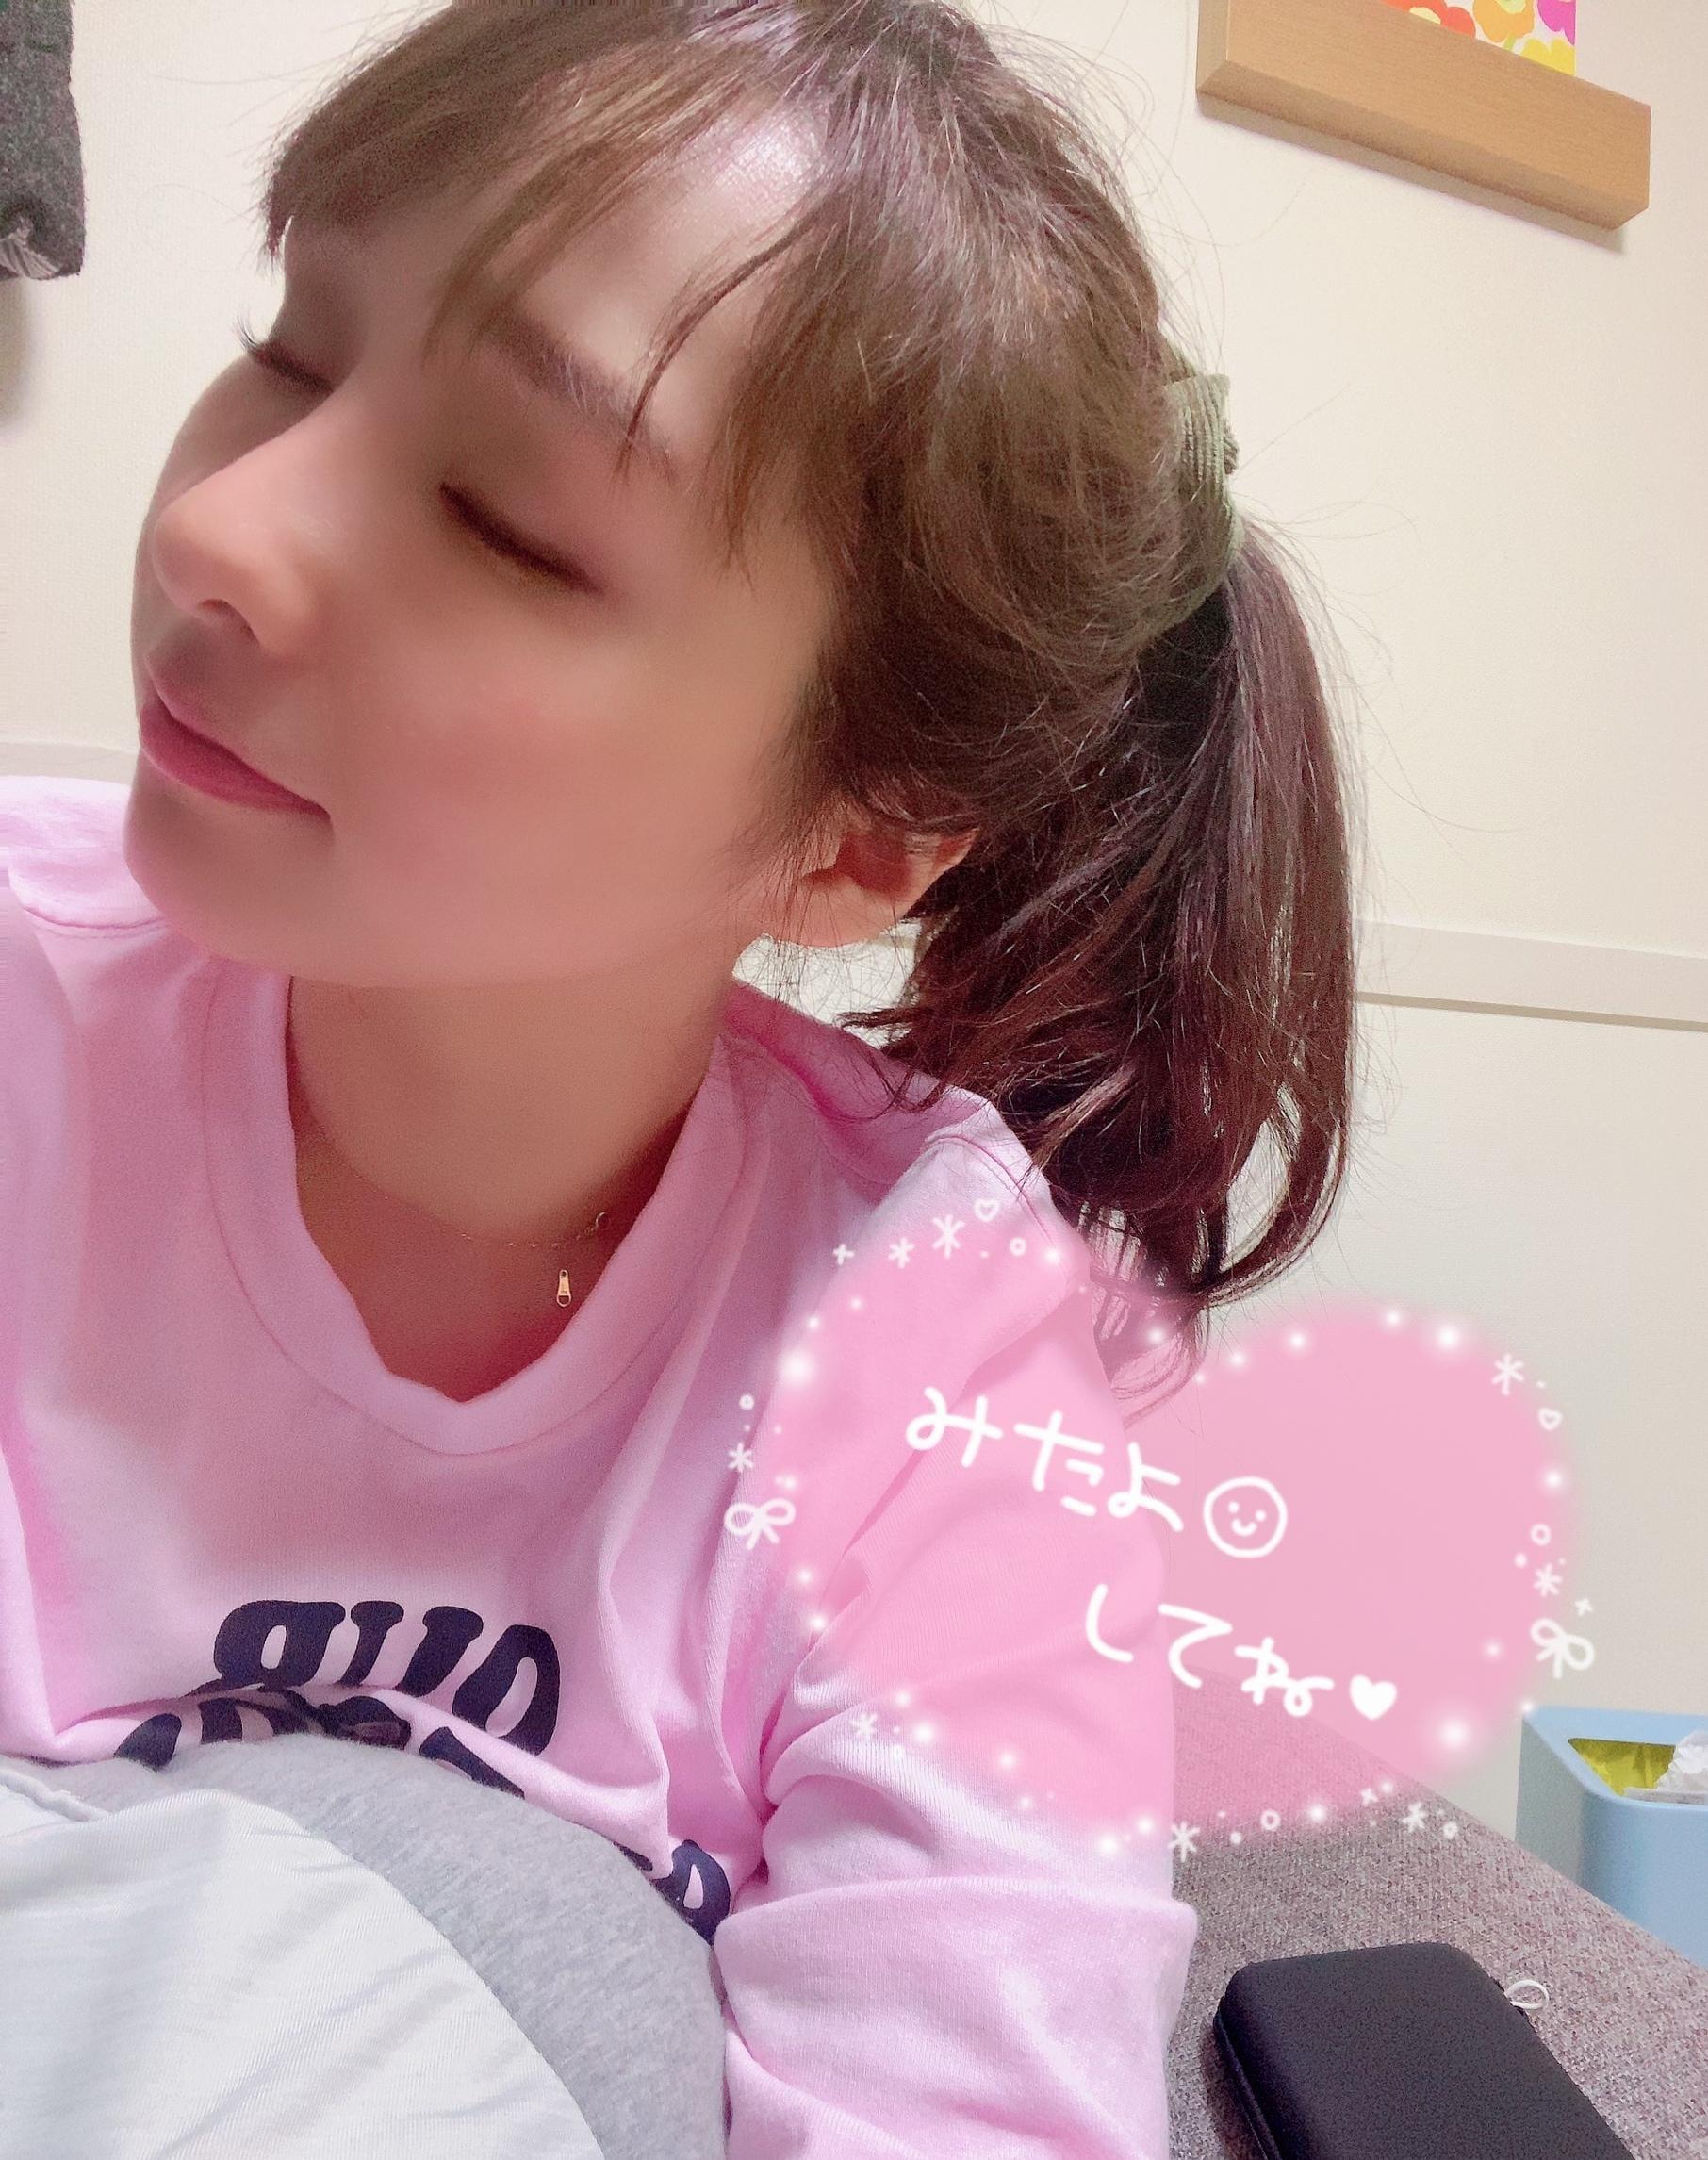 「おやすみなさーい」01/21(01/21) 23:48 | ななみの写メ・風俗動画